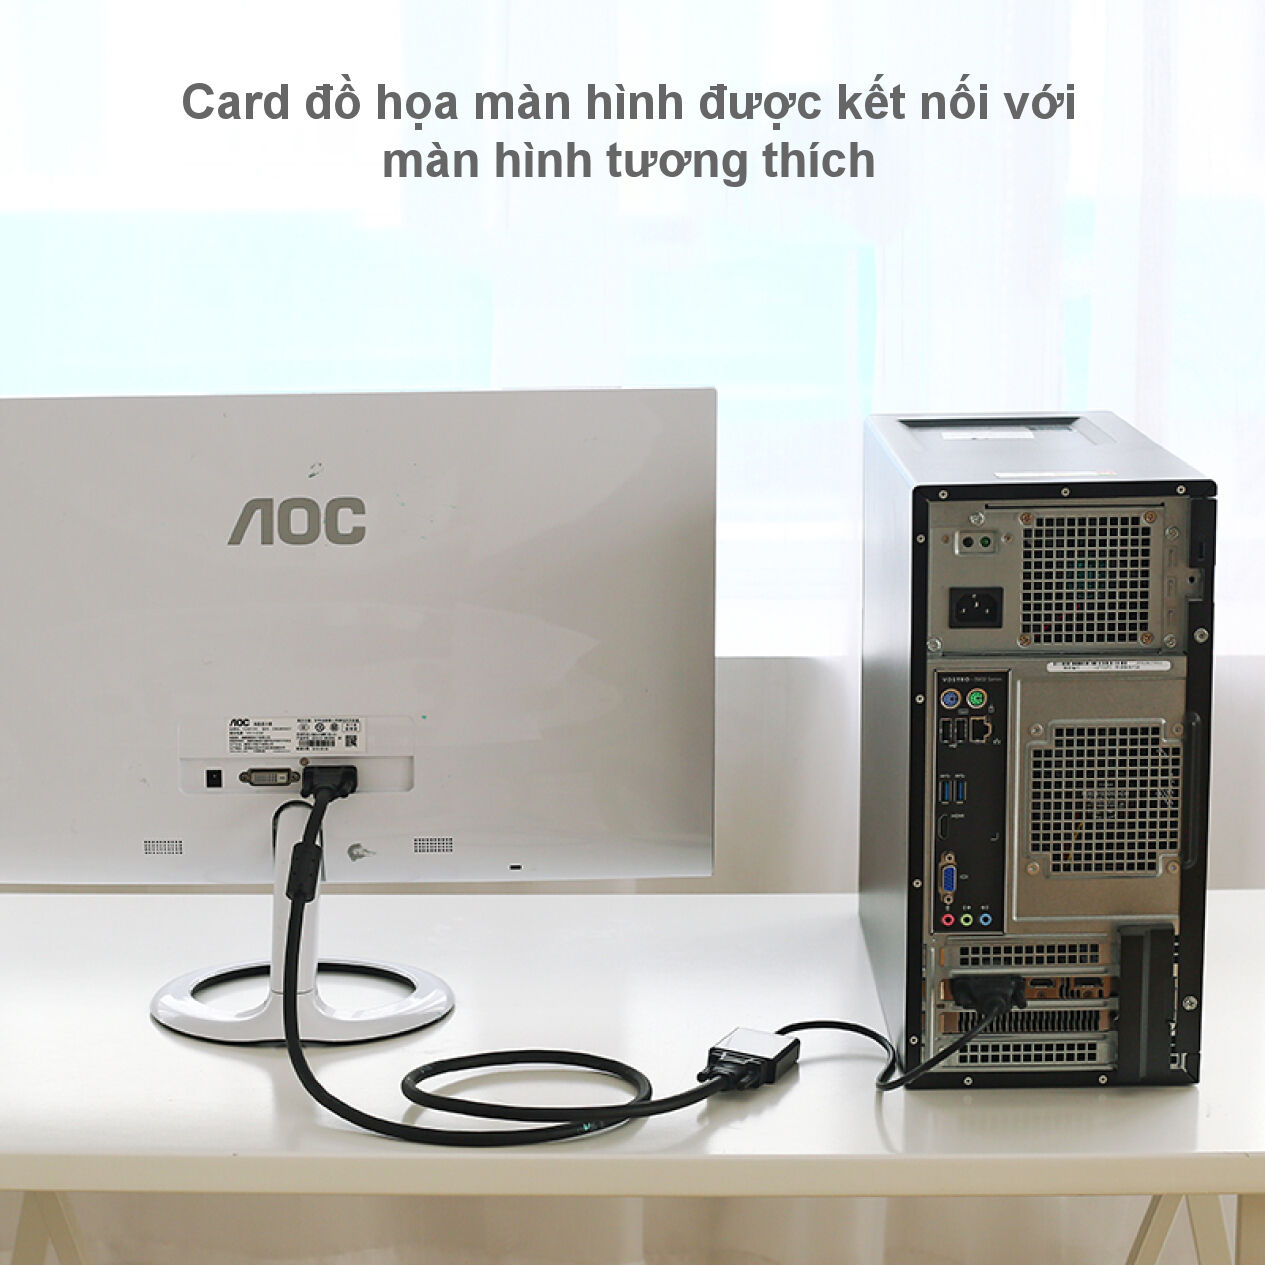 Bộ chuyển đổi (adaptor) DVI 24+1 sang VGA 30cm UGREEN MM108 40387